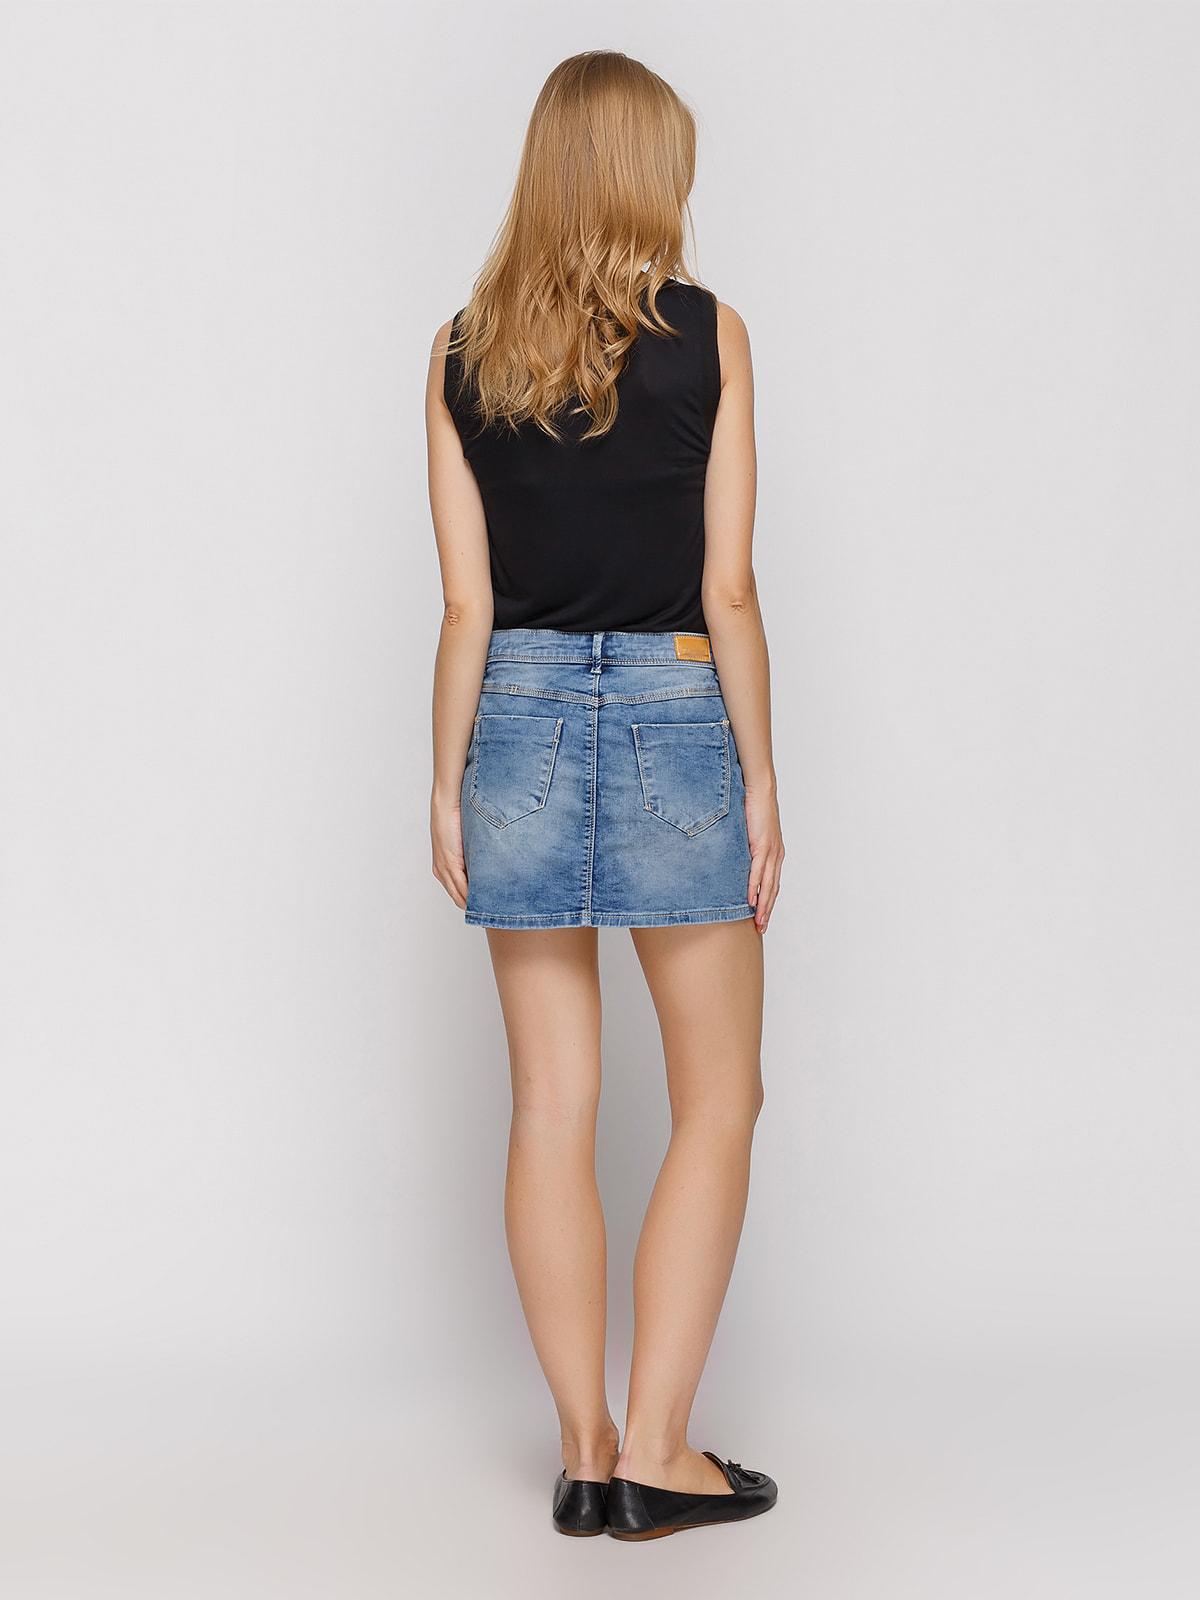 Юбка синяя джинсовая   4631074   фото 3